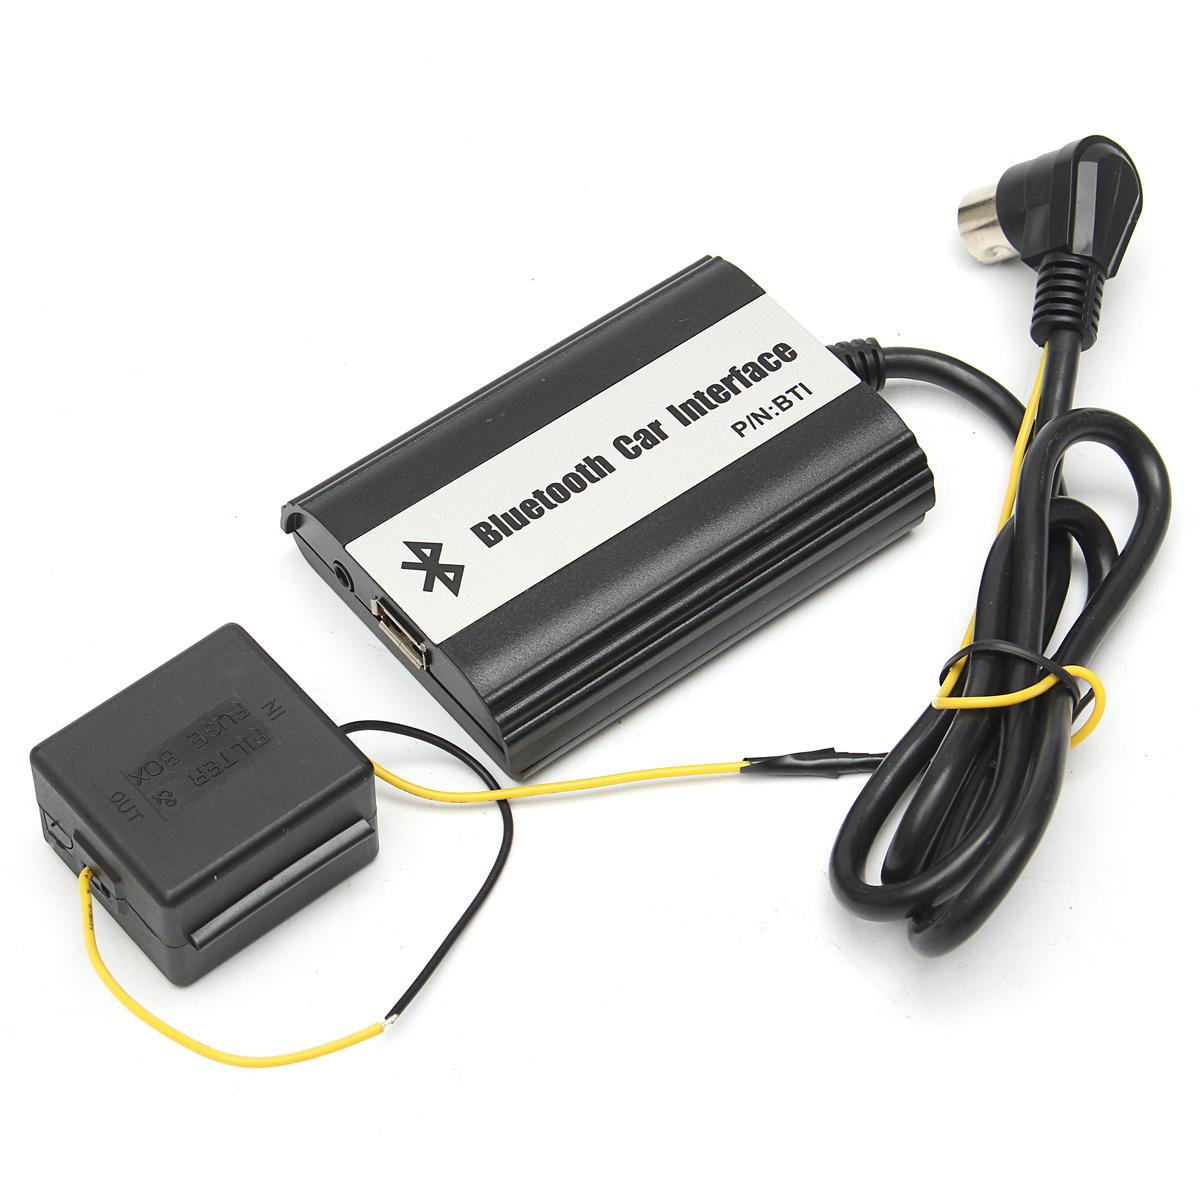 1 वोल्वो हू के लिए ऑटो ब्लूटूथ किट हैंड-फ्री ऑक्स एडाप्टर इंटरफेस सेट करें